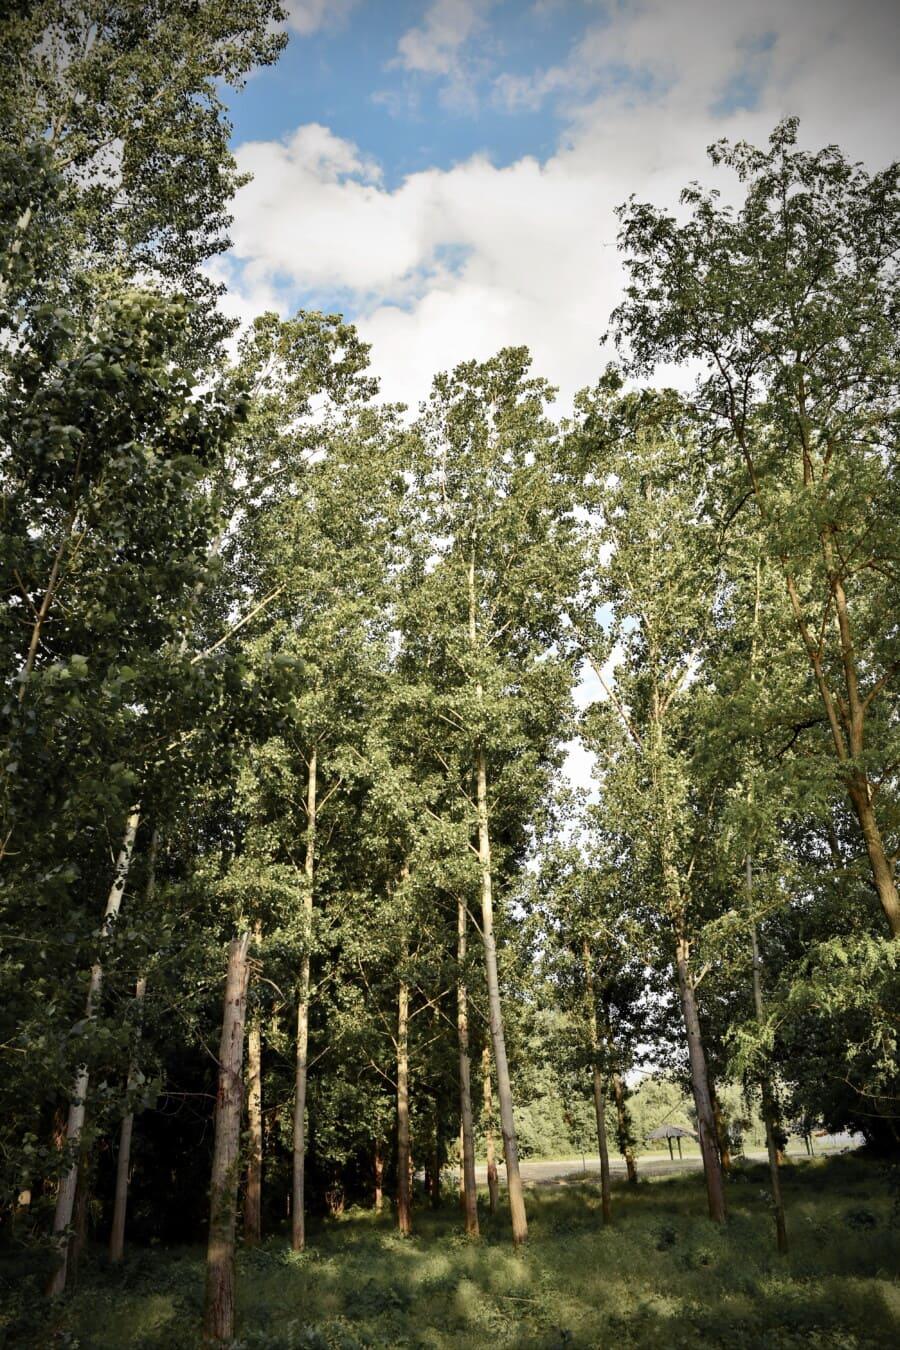 лес, Тополь, дерево, пейзаж, завод, дерево, природа, лист, на открытом воздухе, окружающая среда